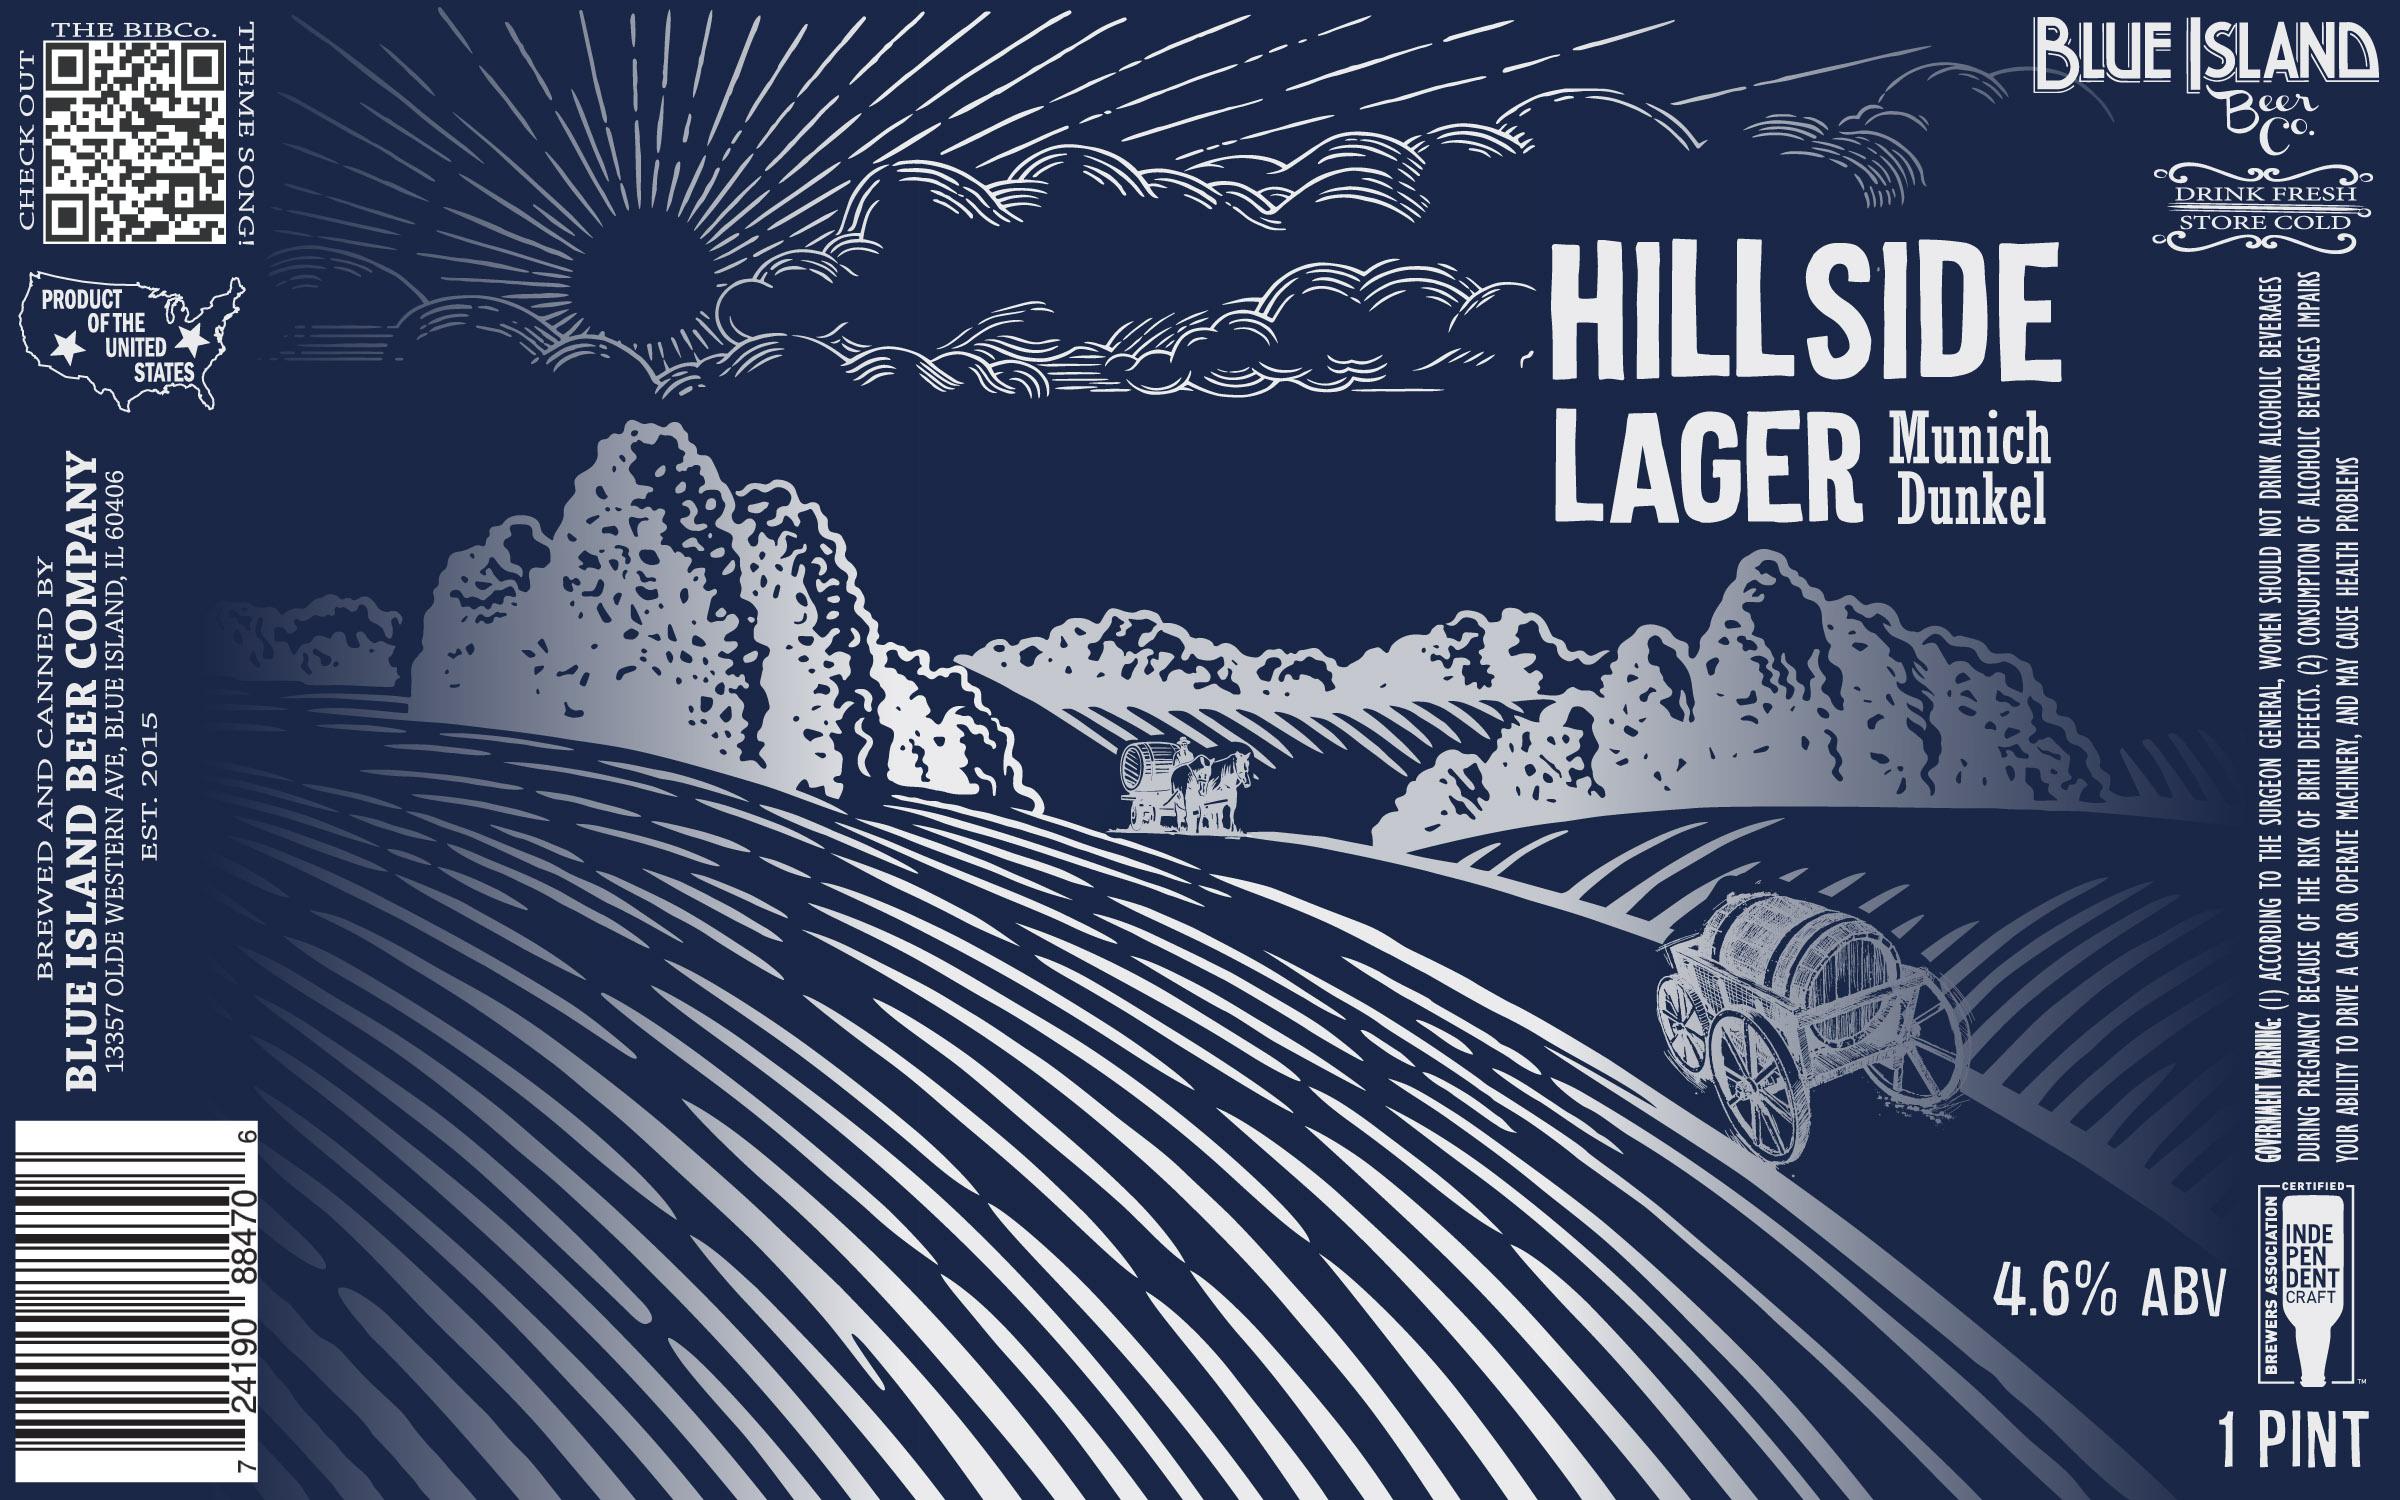 Hillside Lager